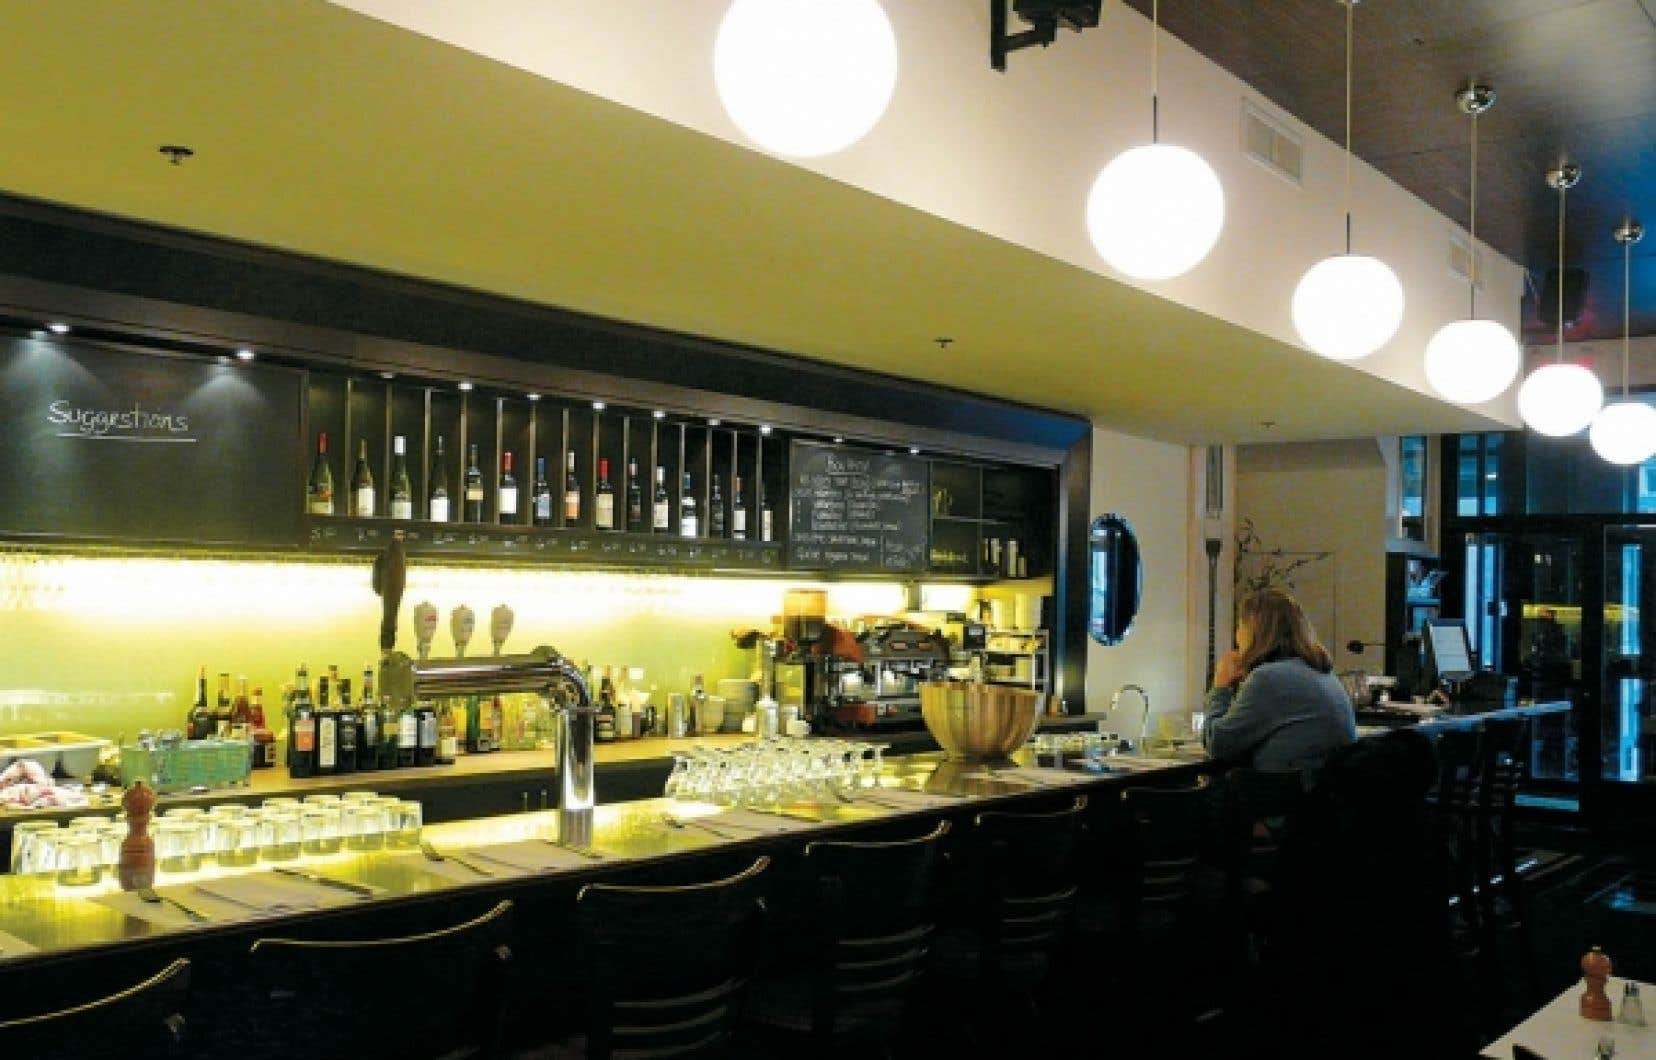 Le restaurant Les Bossus est situé dans la section la plus courue de la rue Saint-Joseph, l'artère qui incarne le renouveau du quartier Saint-Roch. Un mur de pierre garni de tableaux nombreux et variés donne de la chaleur, pendant que le long comptoir de service, attrayant et bien aménagé, confère à l'établissement son style éminemment bistro.